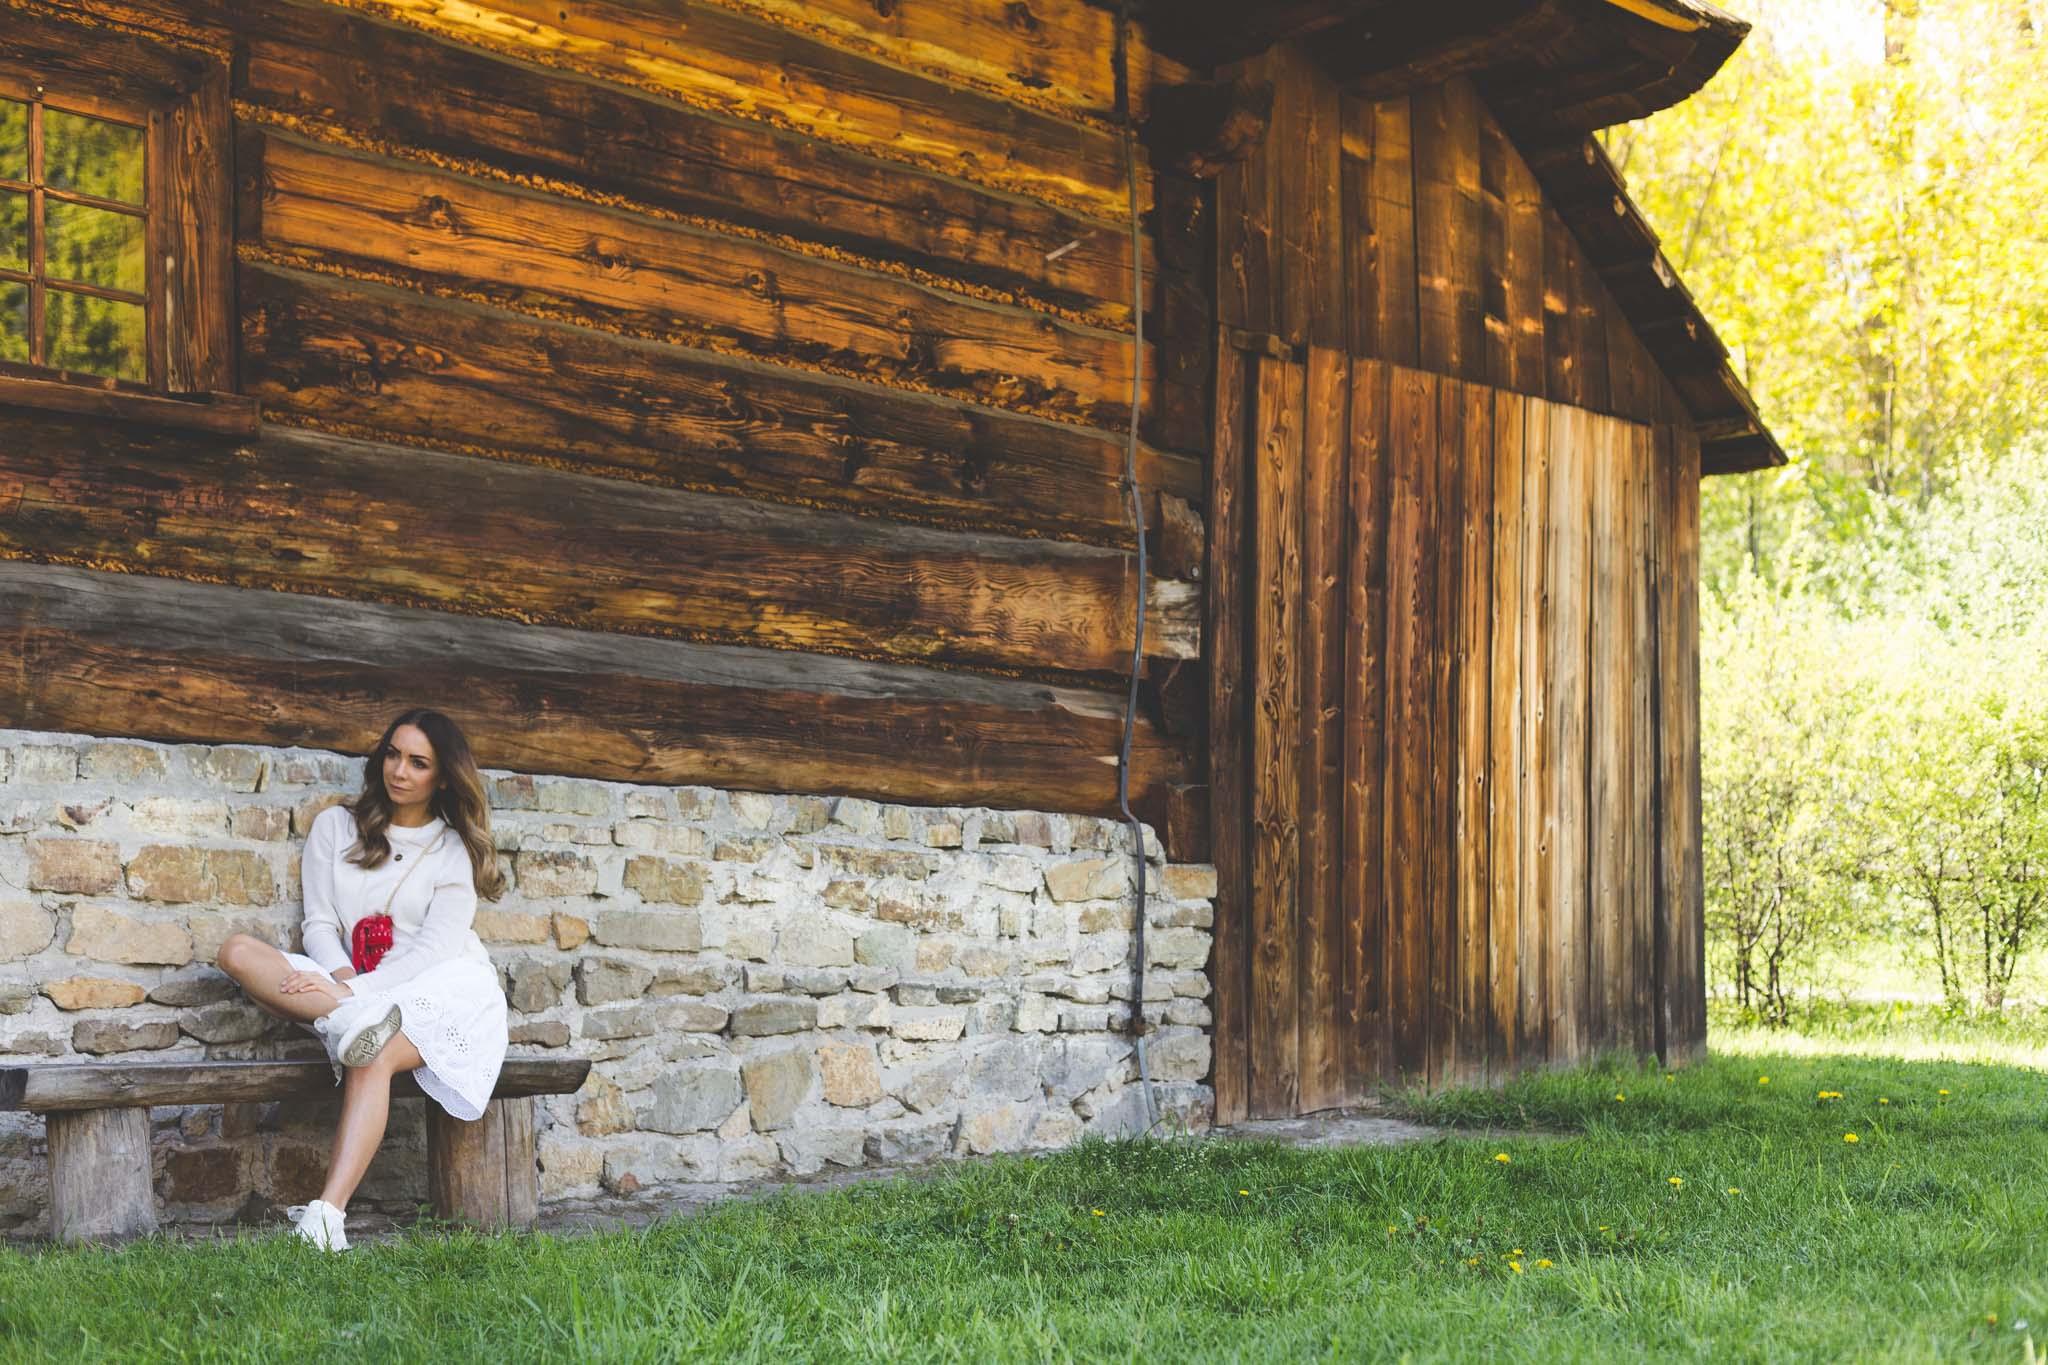 07_05_16_2016_olivkablog-pl_muzeum-wsi-polskiej-4